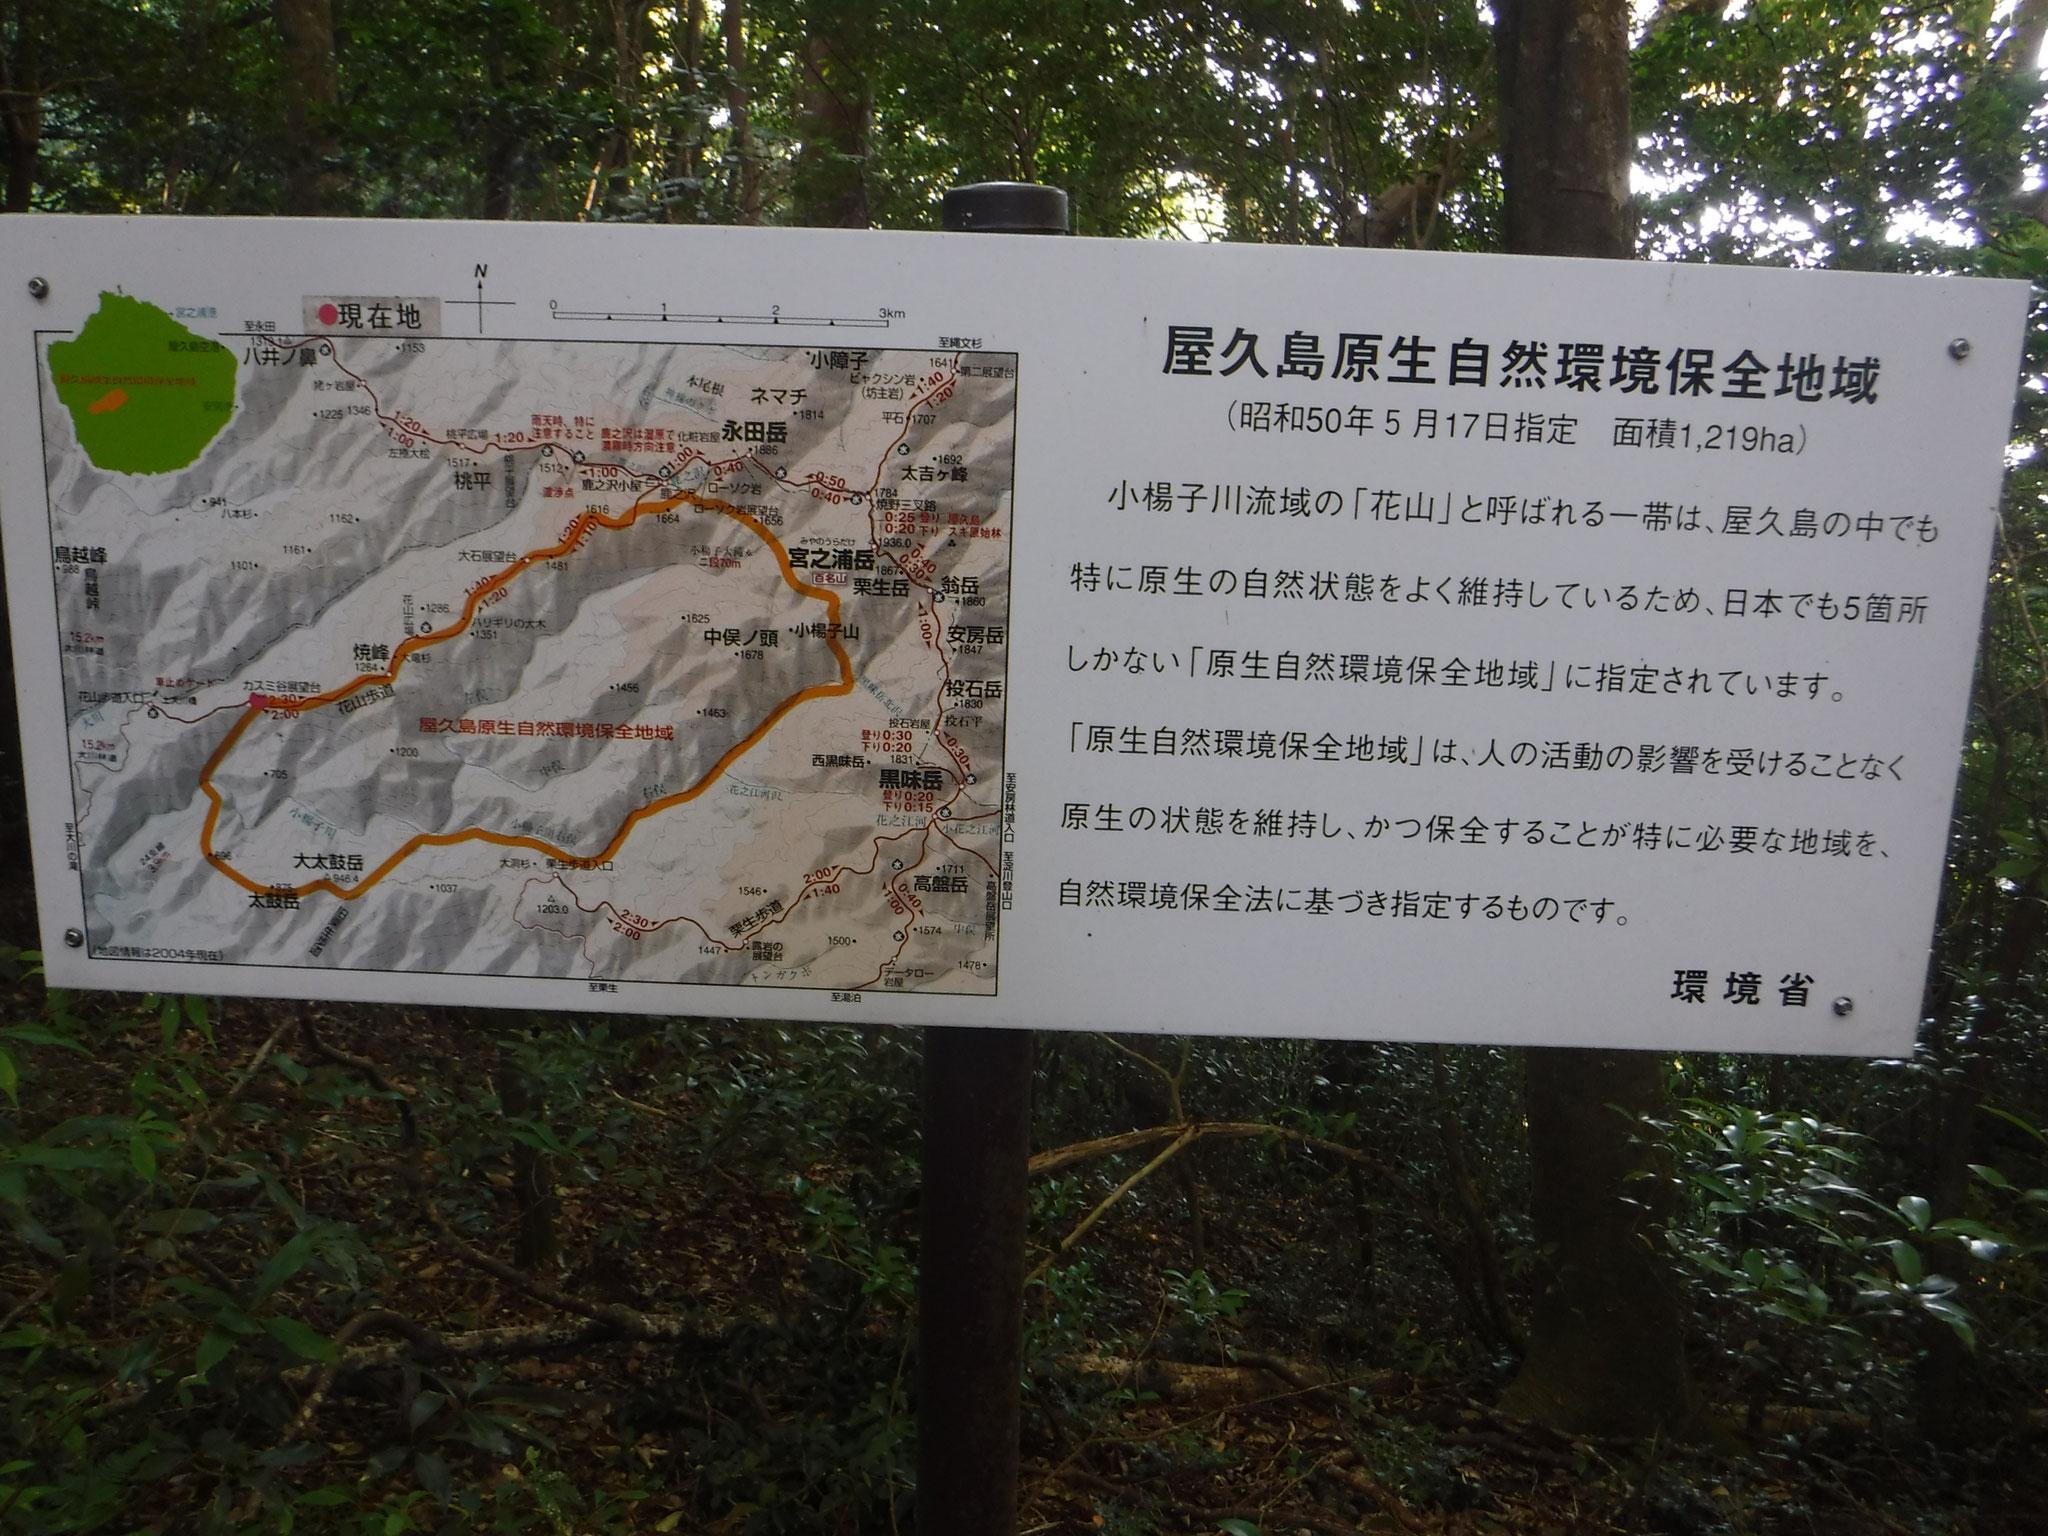 原生自然環境保全地域の説明